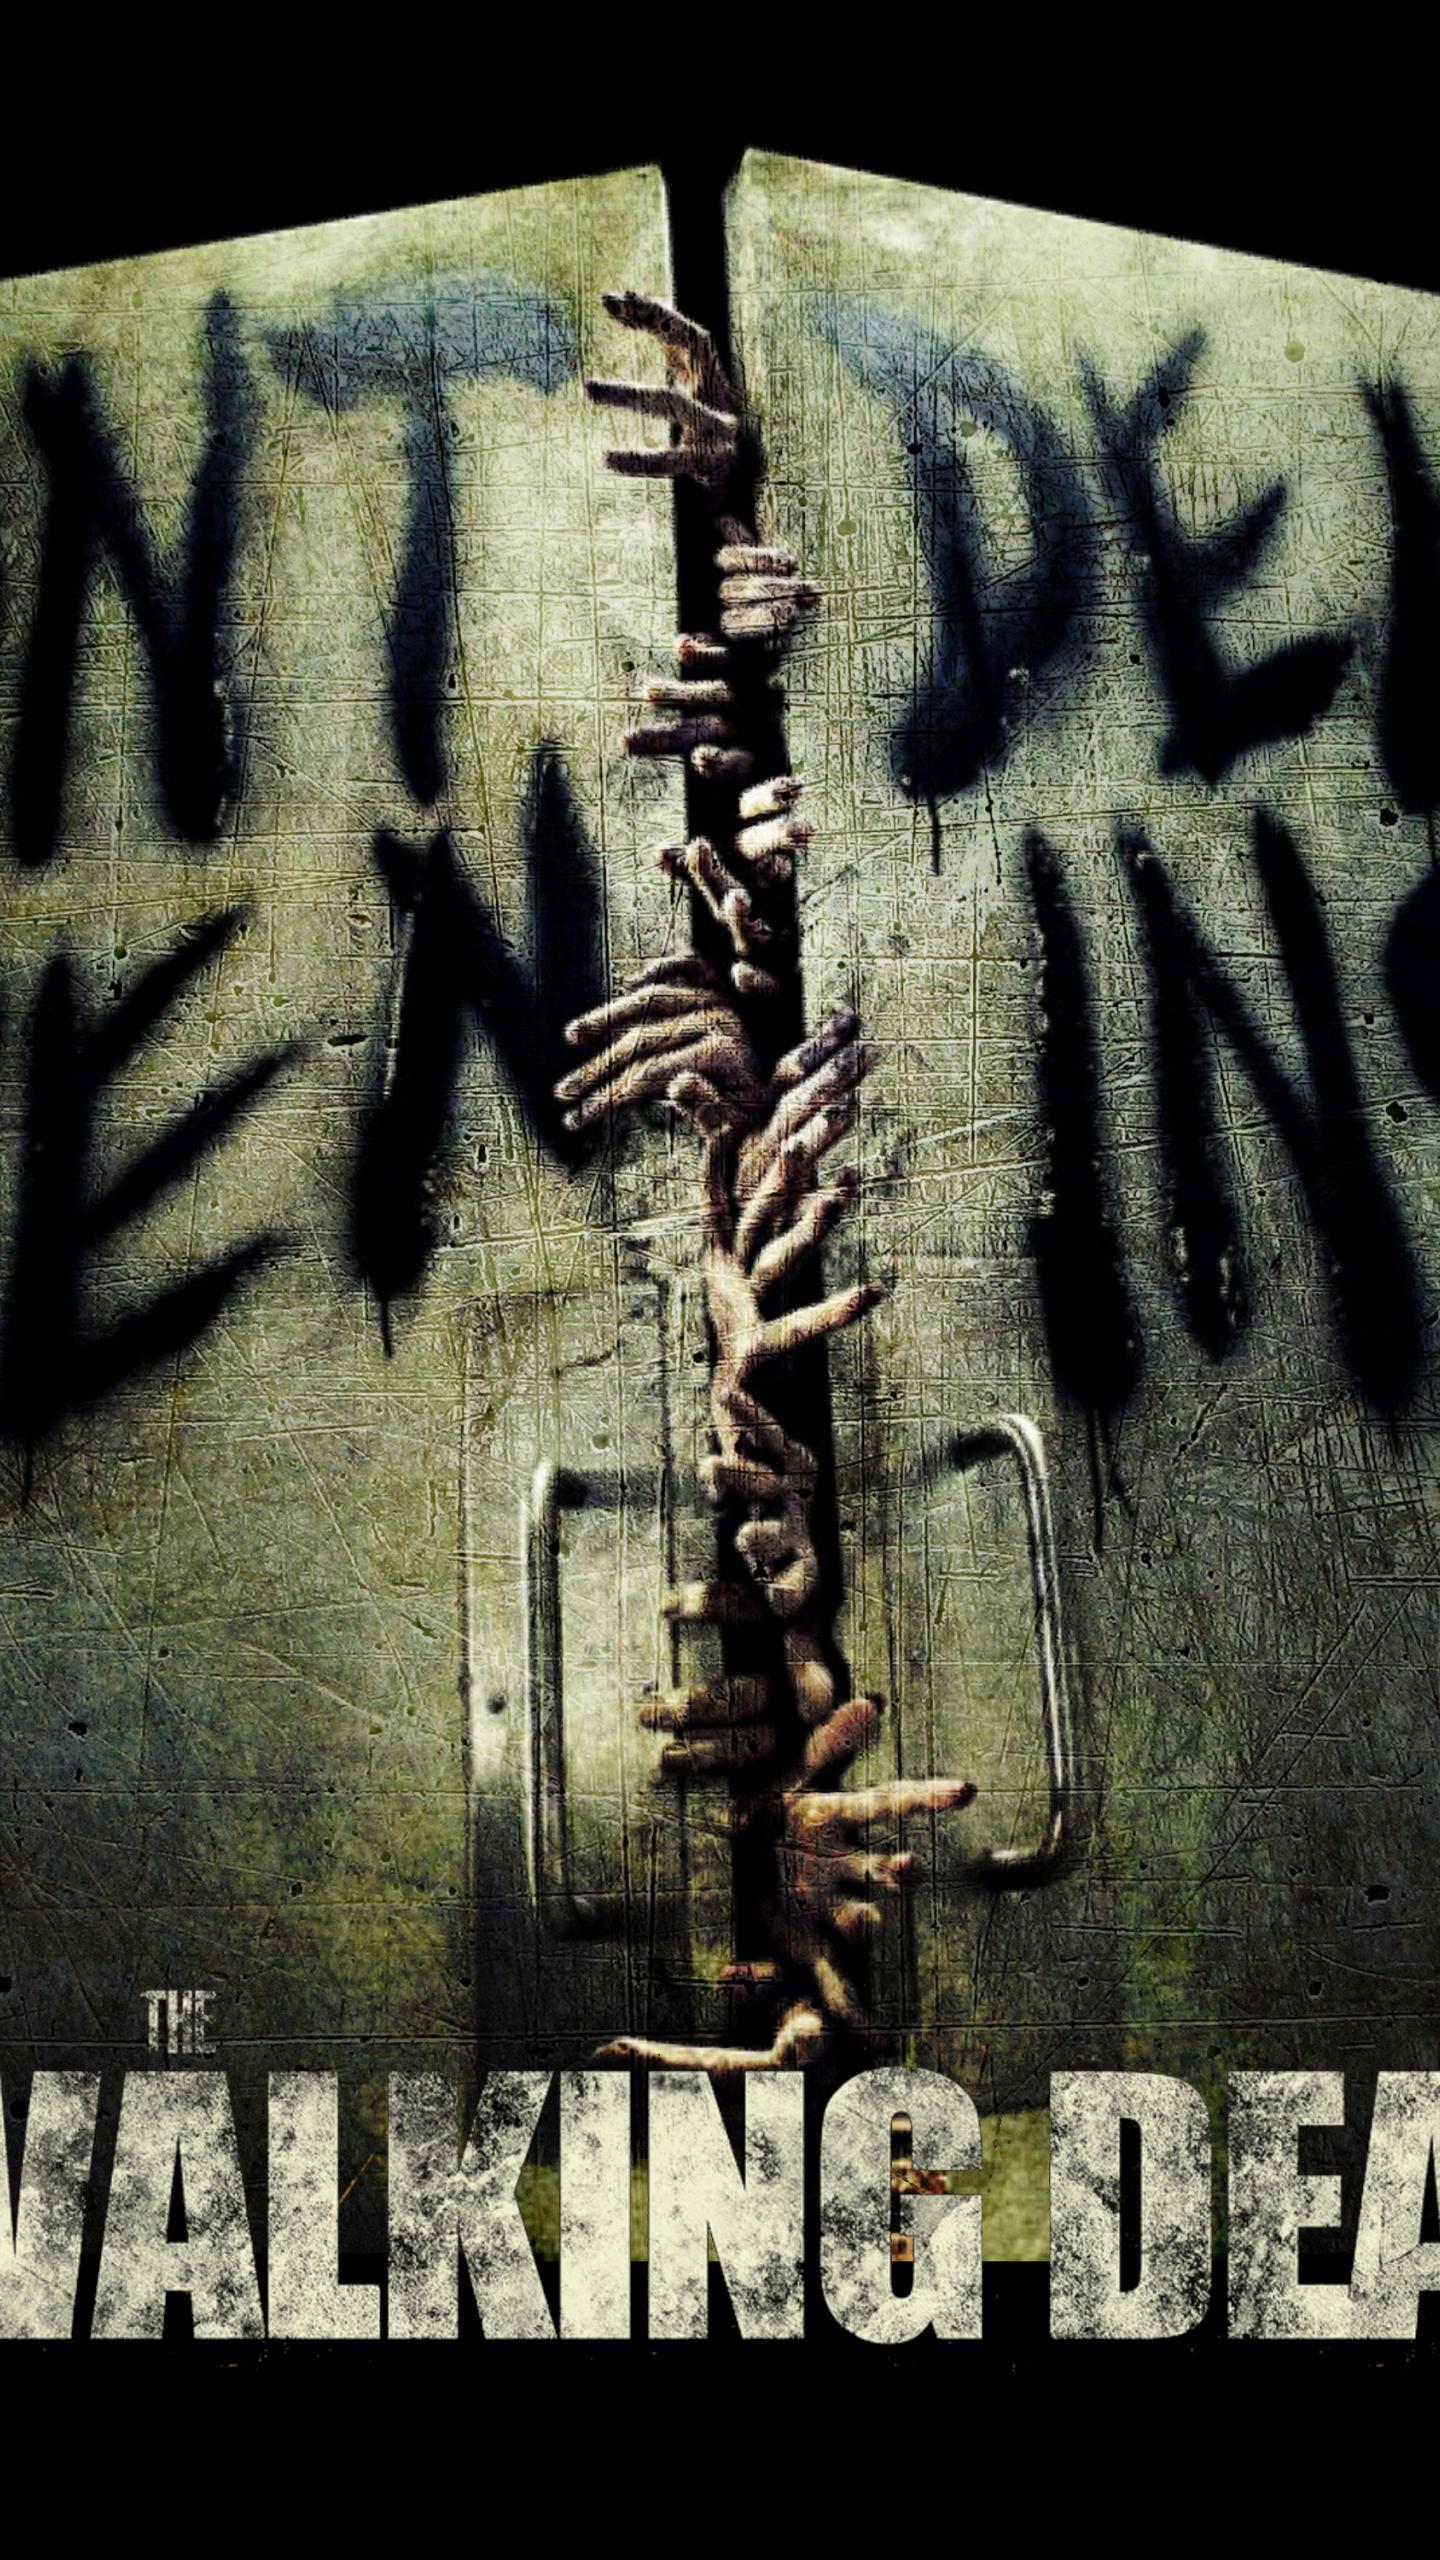 Free Download The Walking Dead Wallpaper32823 4000x3000